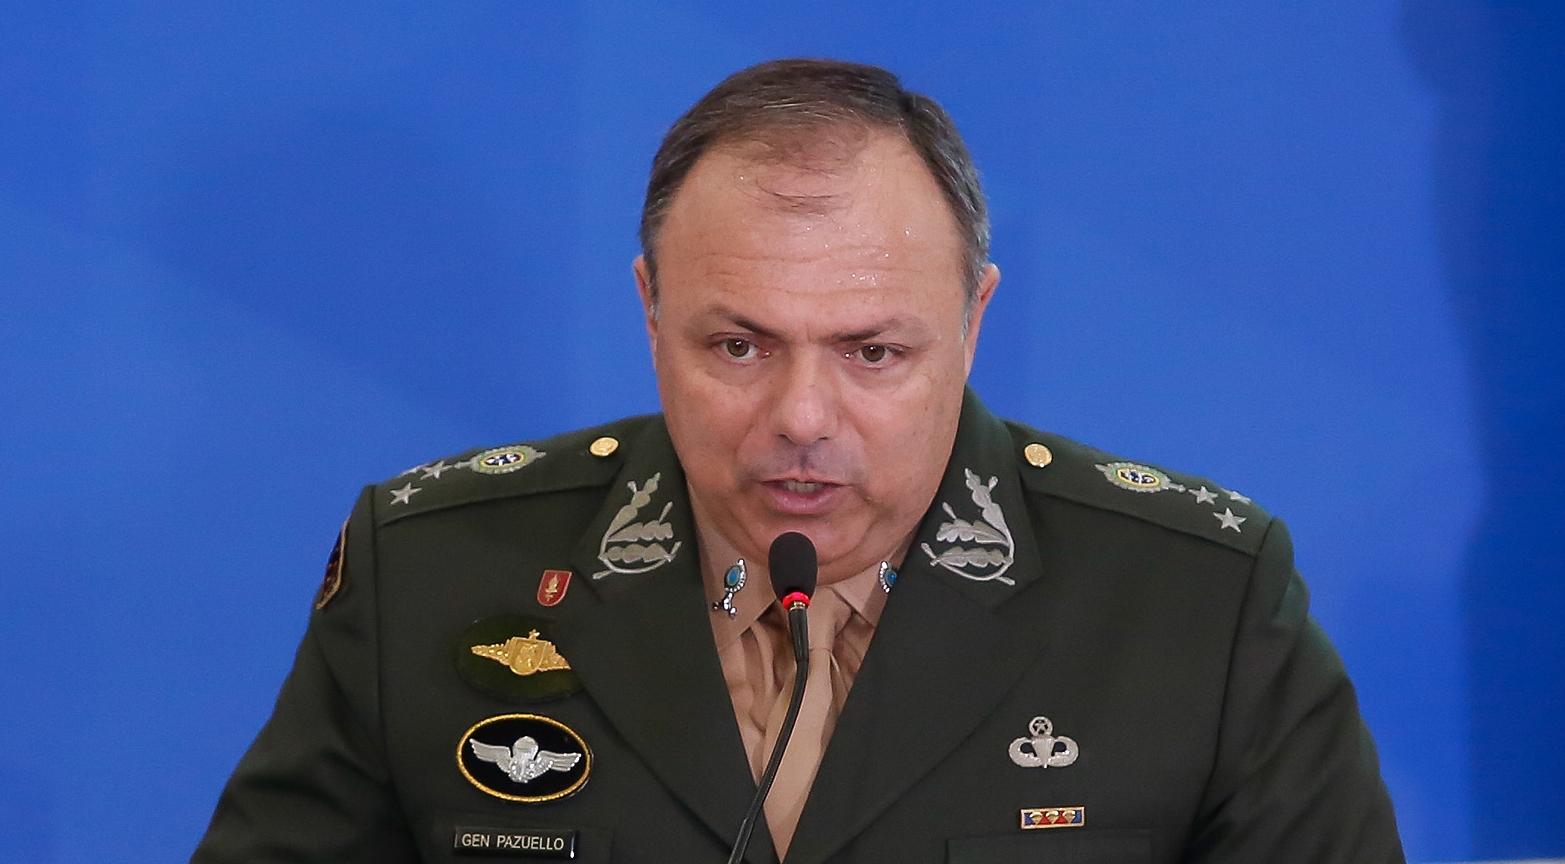 (Brasília - DF, 16/01/2020) Palavras do General de Divisão, Eduardo Pazuello. Foto: Anderson Riedel/PR